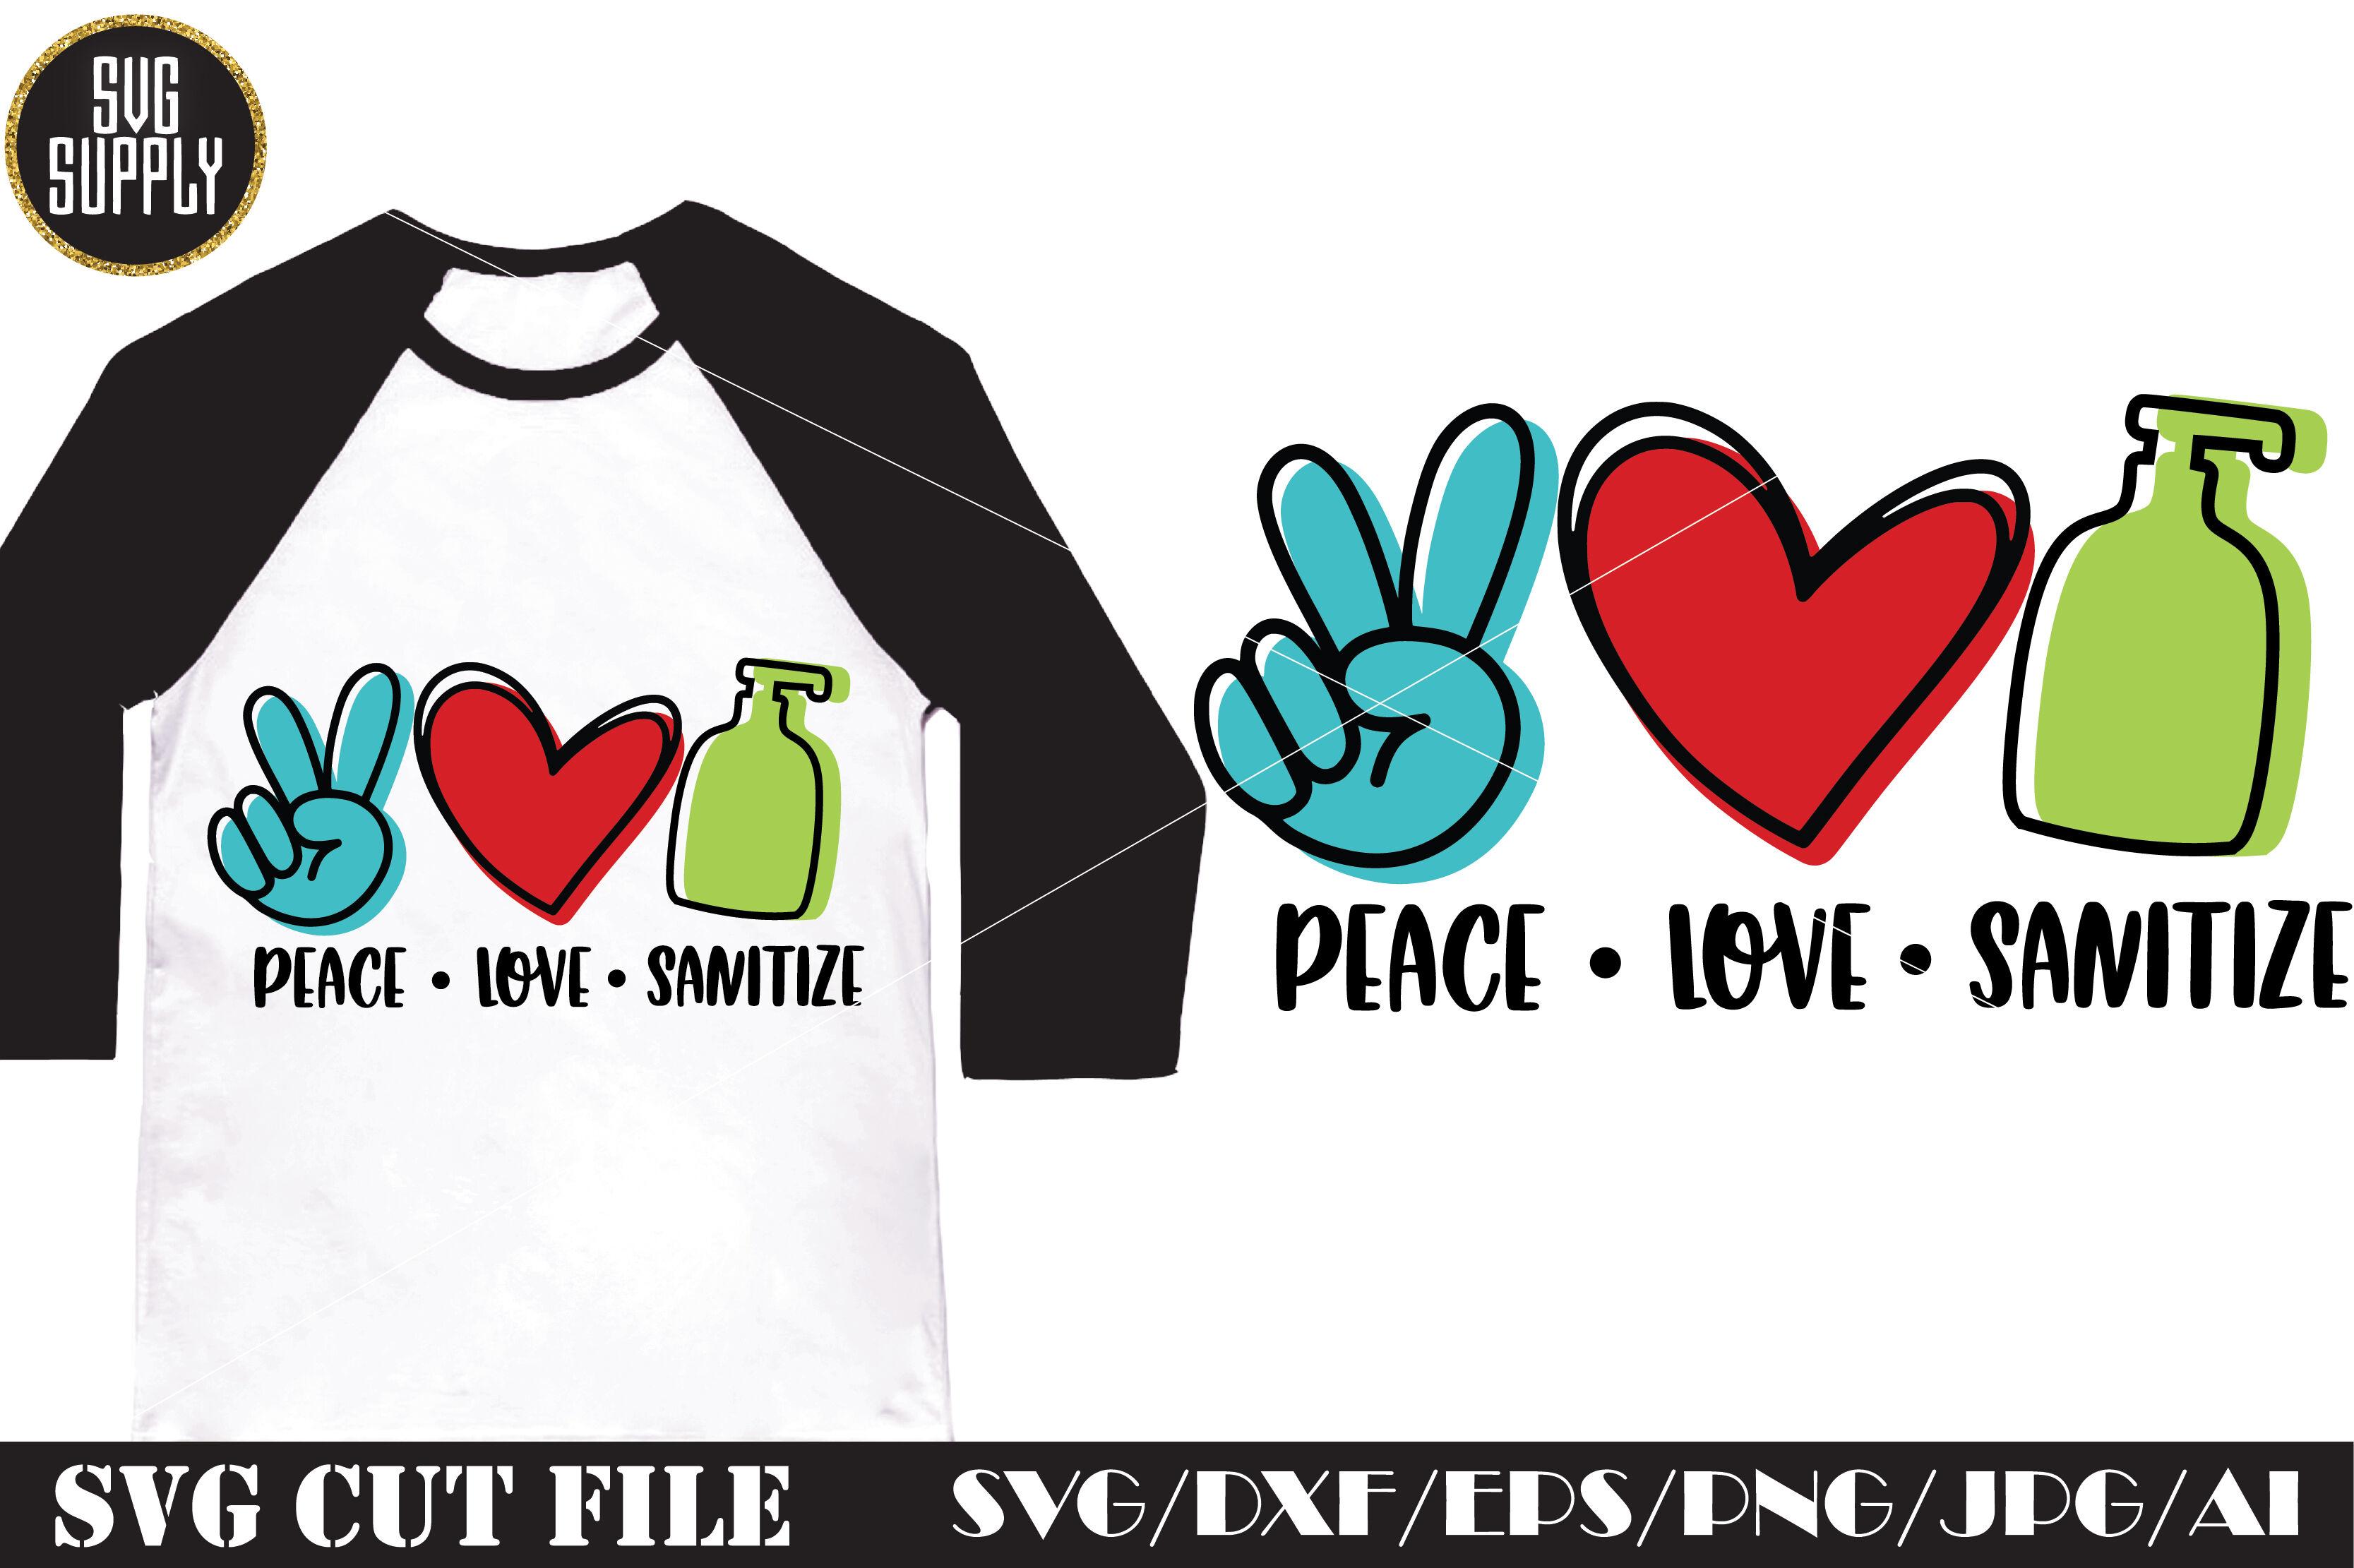 Peace Love Sanitize Svg Cut File By Svgsupply Thehungryjpeg Com